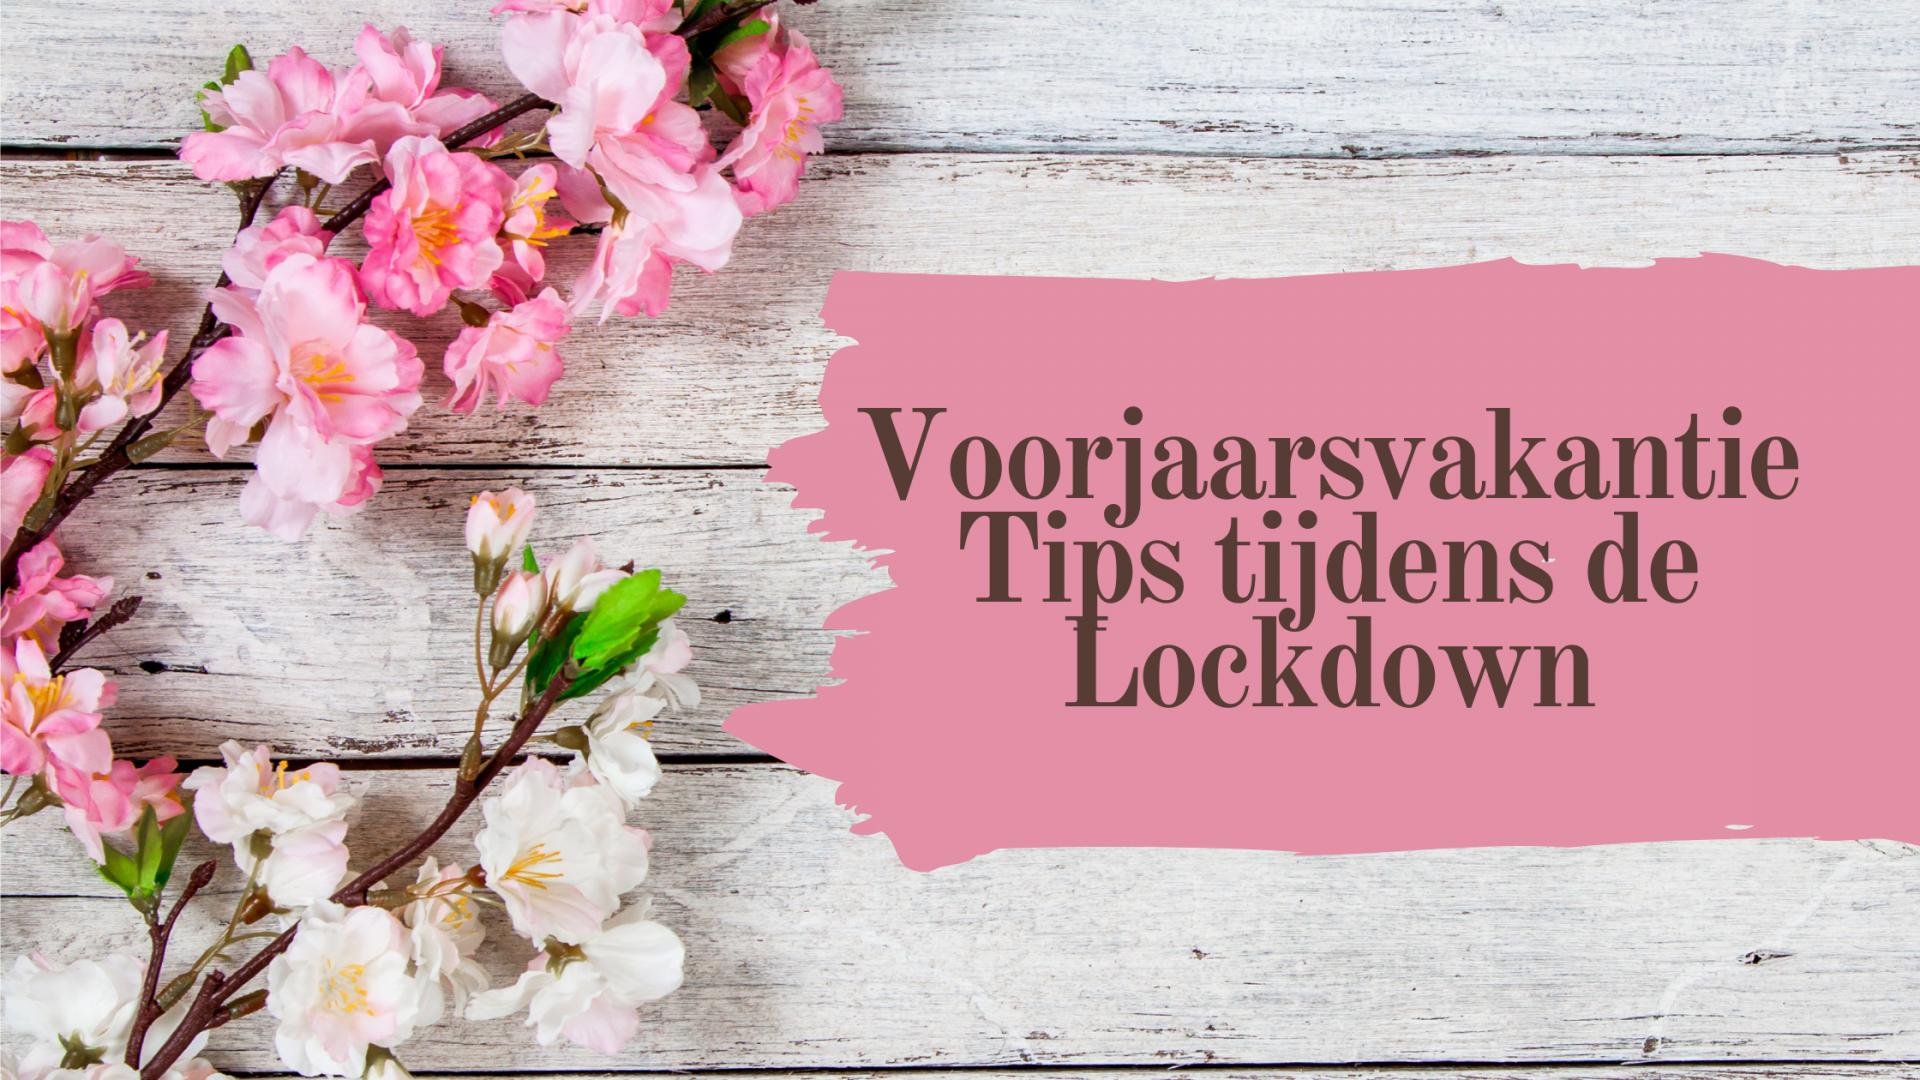 Voorjaarvakantie tips tijdens de lockdown